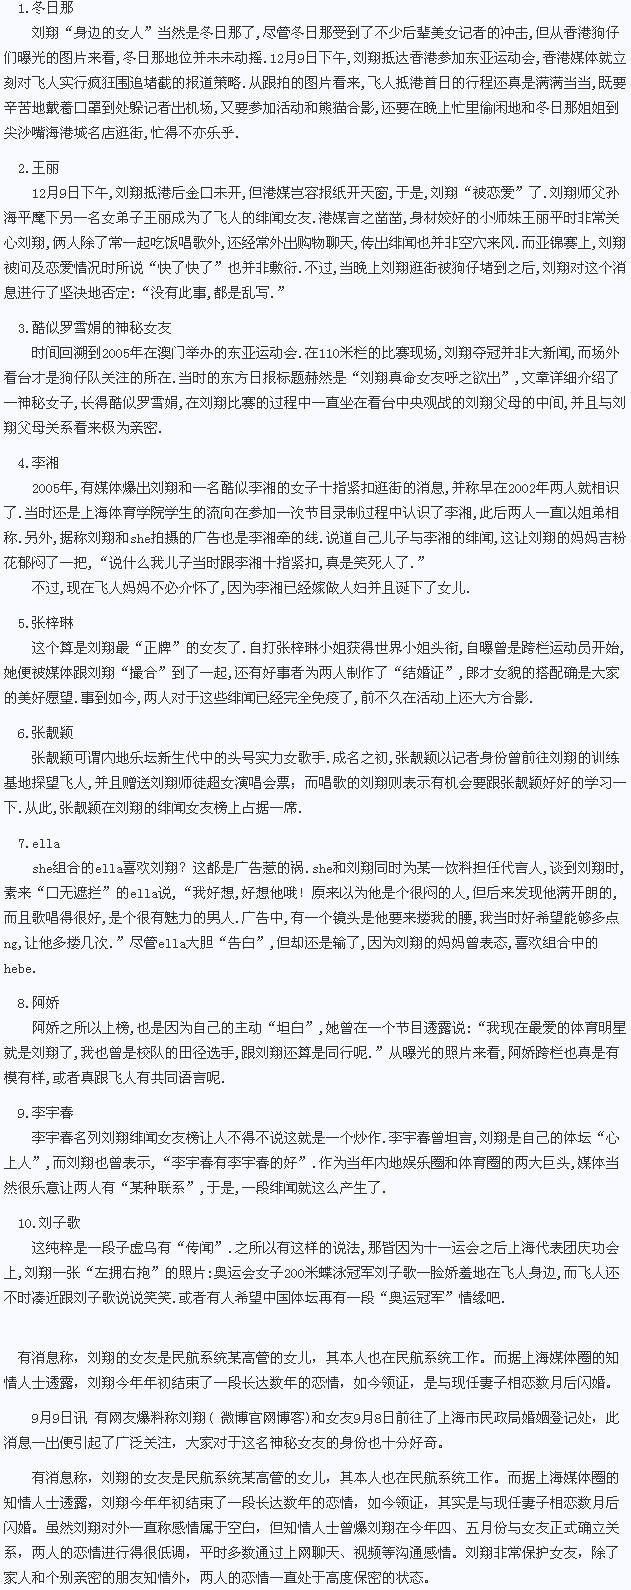 刘翔十大绯闻女友 刘翔绯闻女友于港妹 曝刘翔